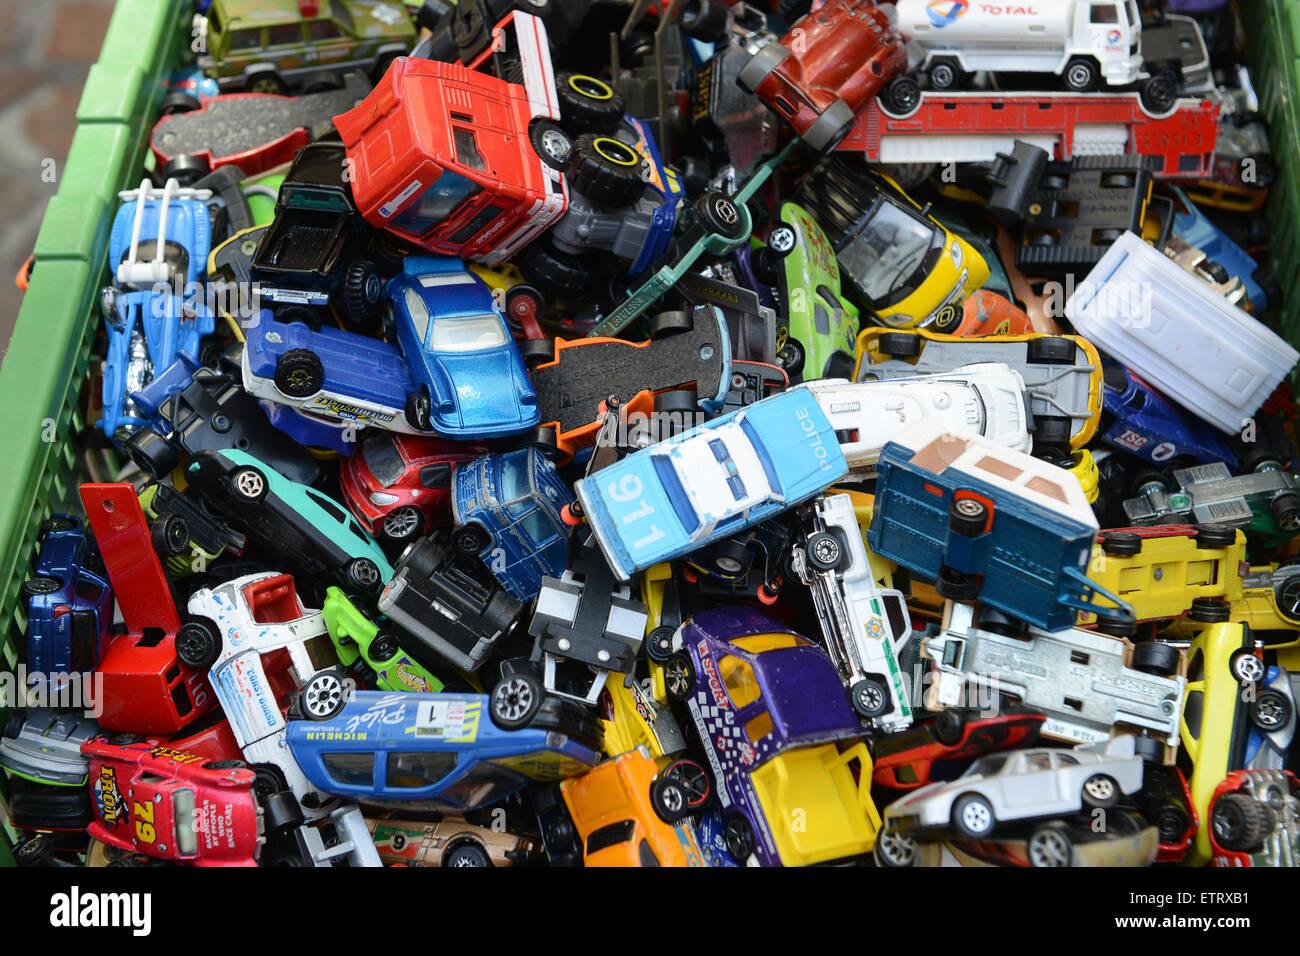 Niños Para A Autos La Venta Modelos El En De Juguete Juguetes 7vYbf6gyI